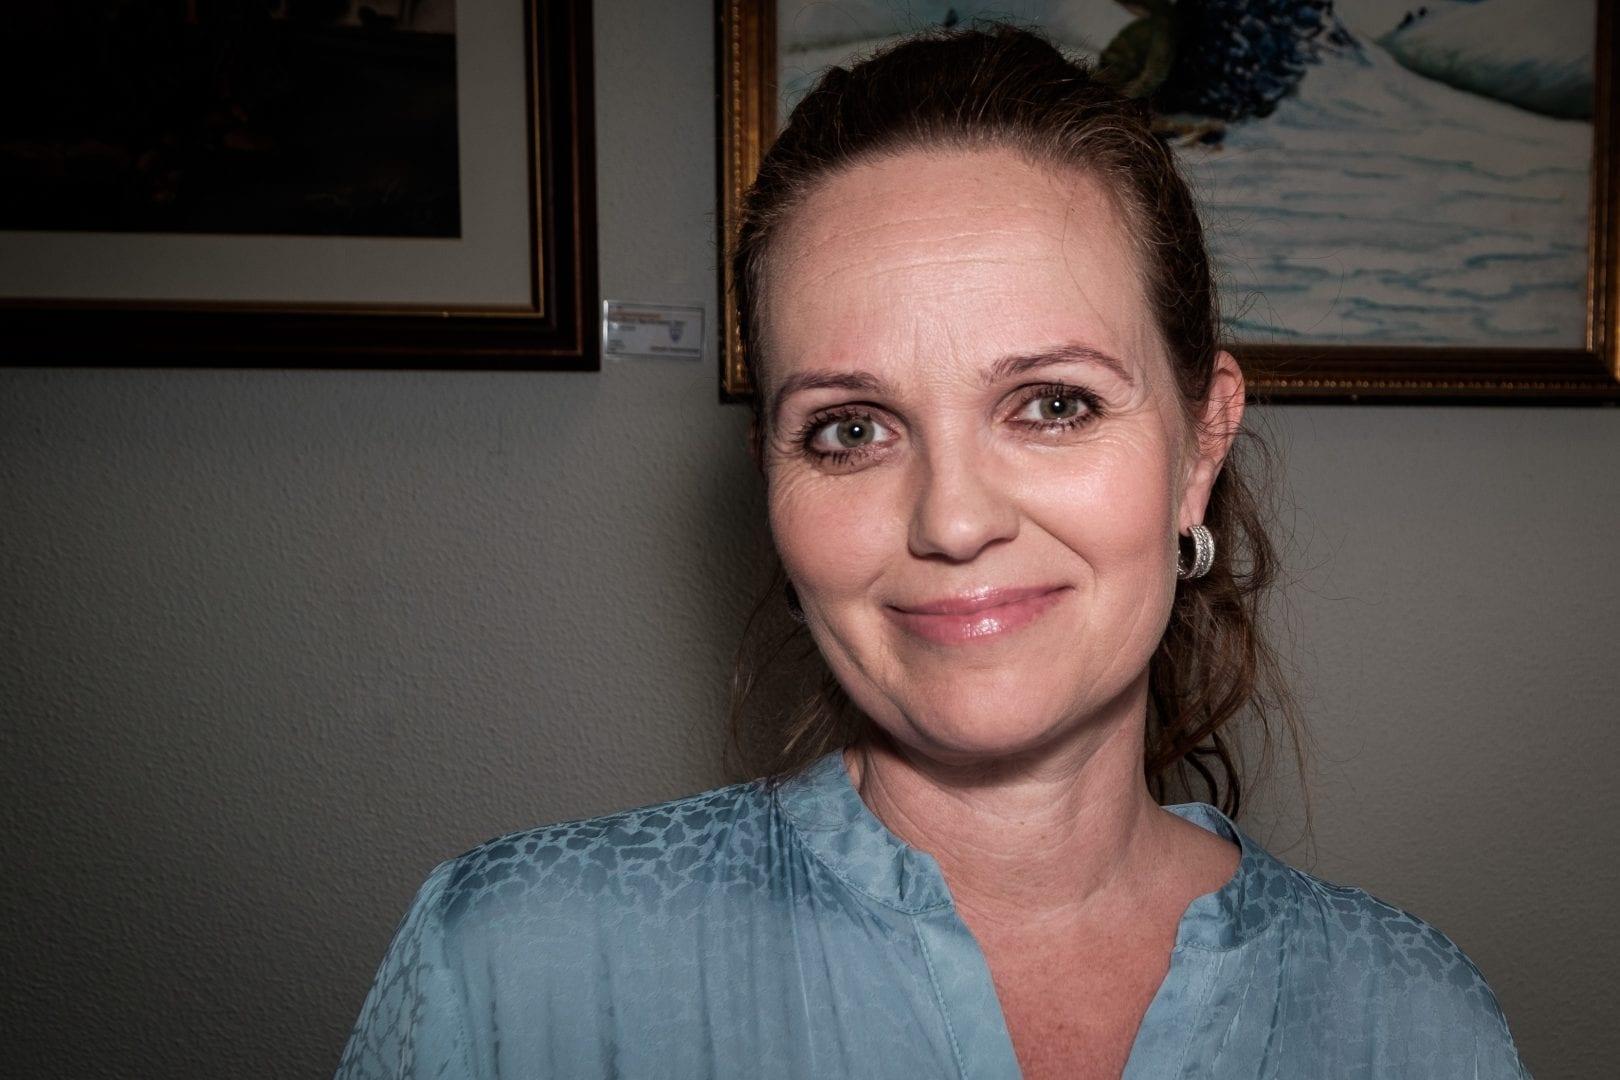 Íris Róbersdóttir